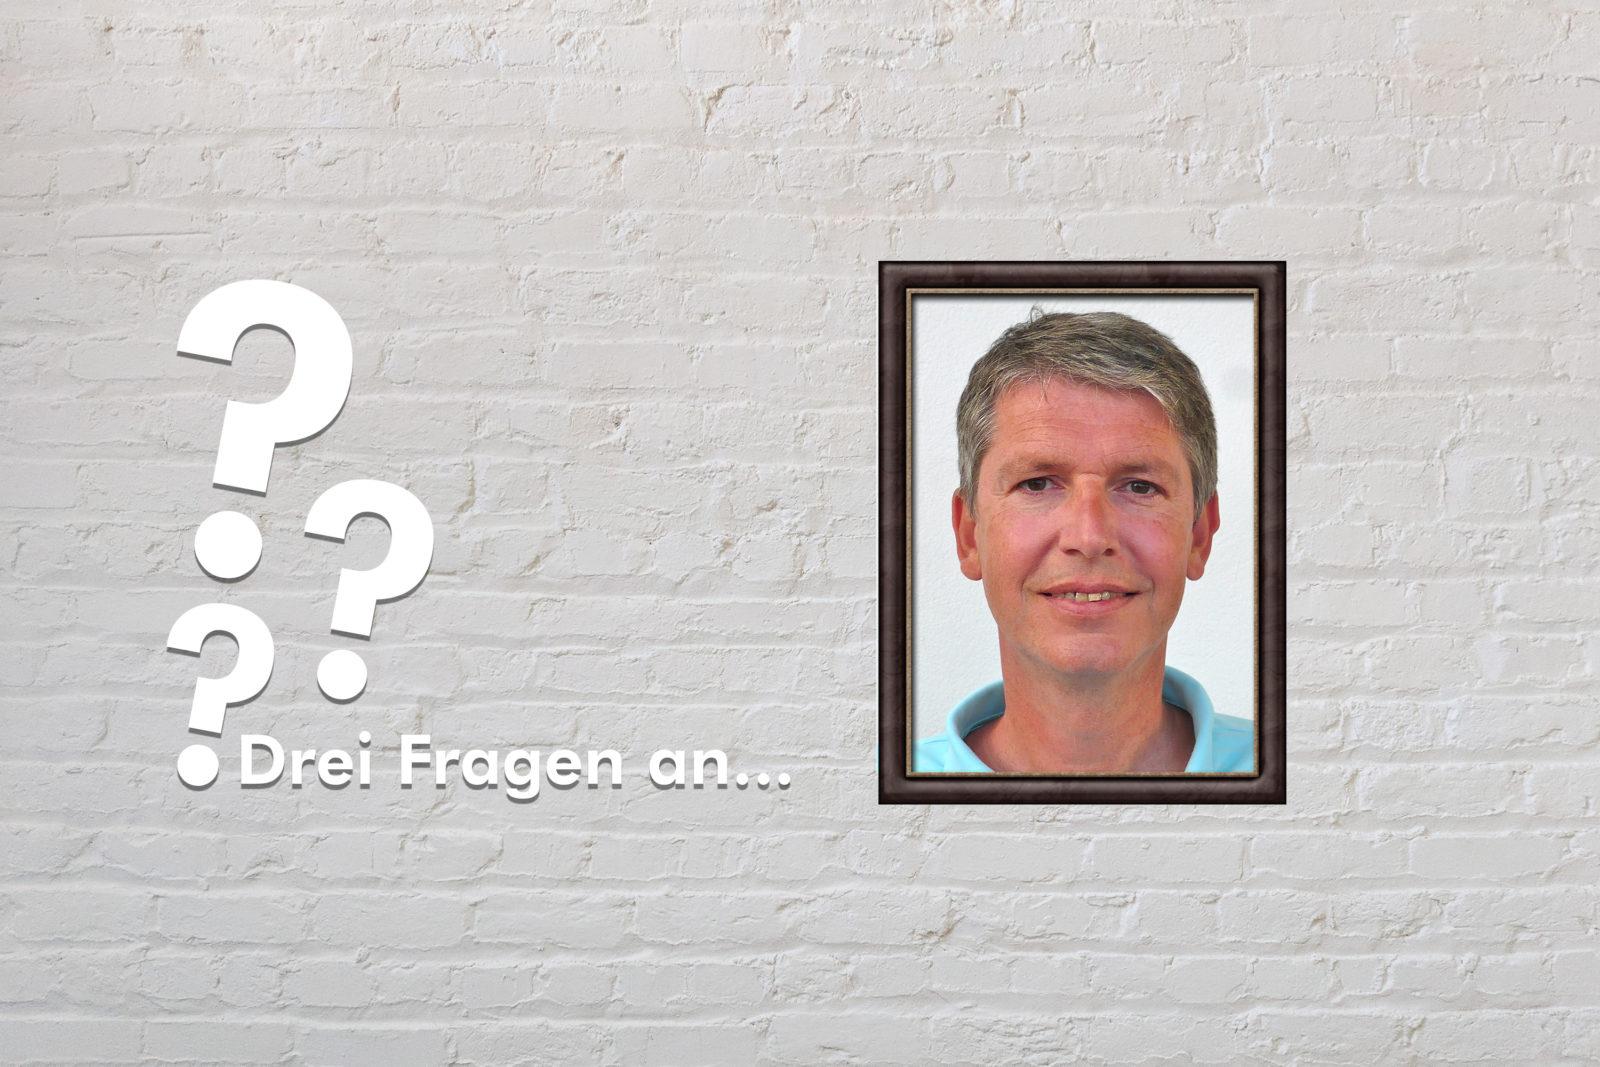 Fotomontage: Eine weiße Steinwand - darauf ein Rahmen, in den ein Bild von Dominik Peter montiert ist, daneben der Schriftzug Drei Fragen an... und drei Fragezeichen.